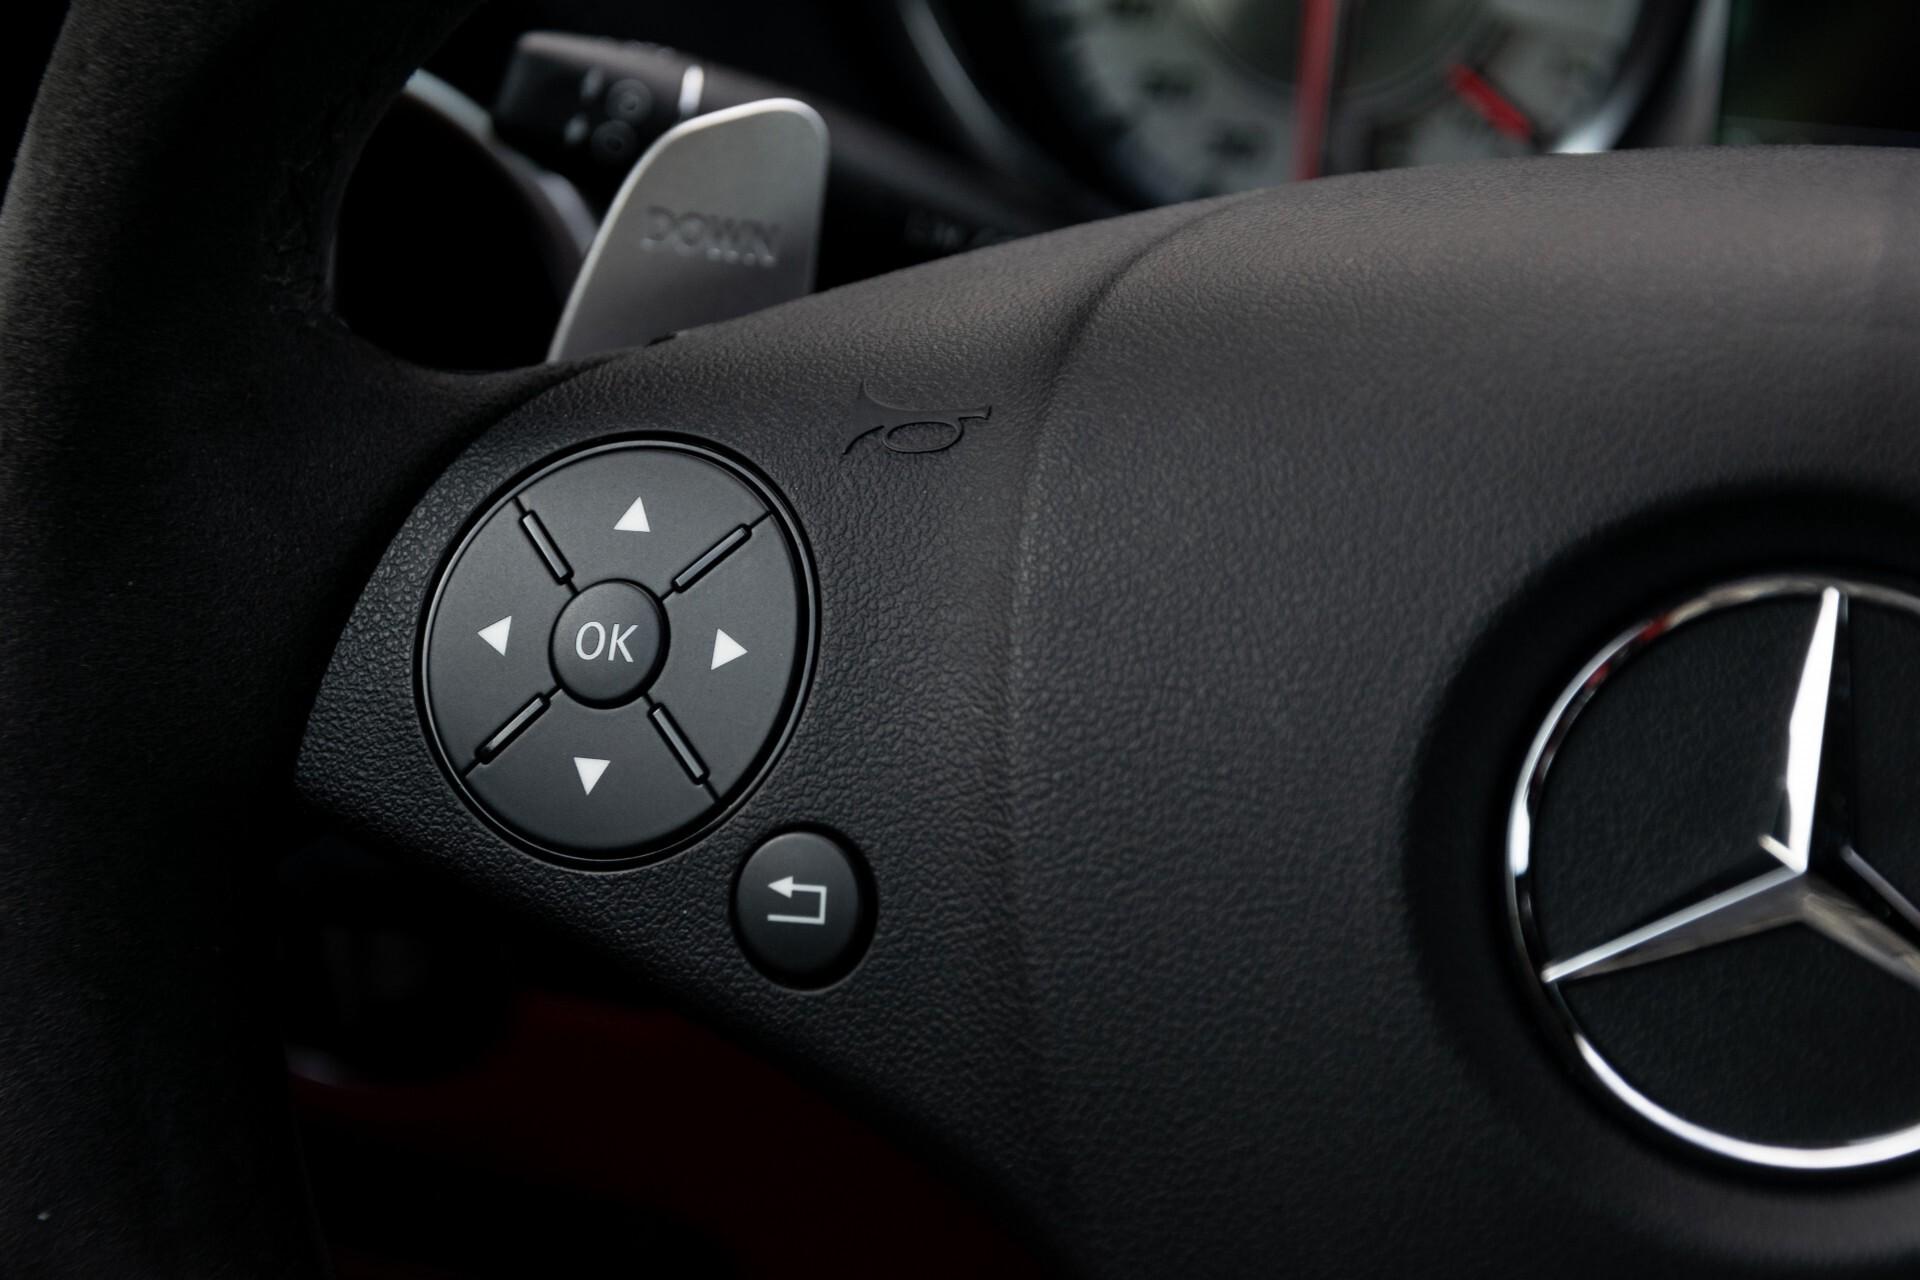 Mercedes-Benz SLS Coupé 6.3 AMG 1ste eigenaar/NL Auto FULL OPTIONS Aut7 Foto 9